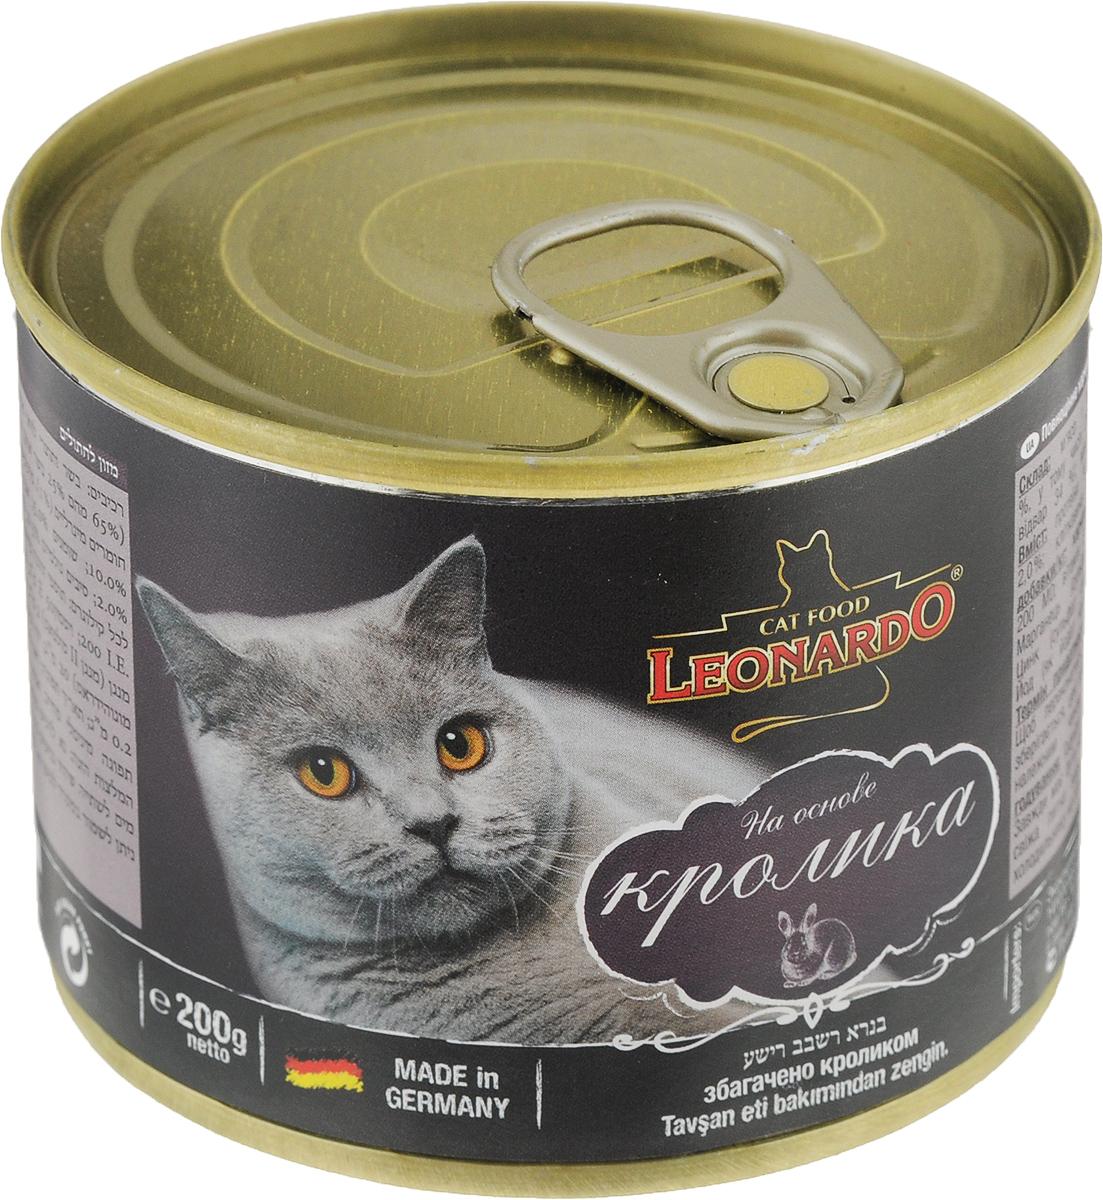 Корм консервированный Leonardo для кошек, с кроликом, 200 г65925Консервированный корм Leonardo - полноценное питание для кошек. Корм изготовлен из натуральных ингредиентов и несомненно понравится вашему питомцу. Он содержит все питательные вещества, витамины и минералы, необходимые для сбалансированного питания вашей кошки каждый день. Это изысканное блюдо - яркий пример того, как простые ингредиенты в руках истинного кулинара превращаются в удивительно вкусное блюдо.Товар сертифицирован.